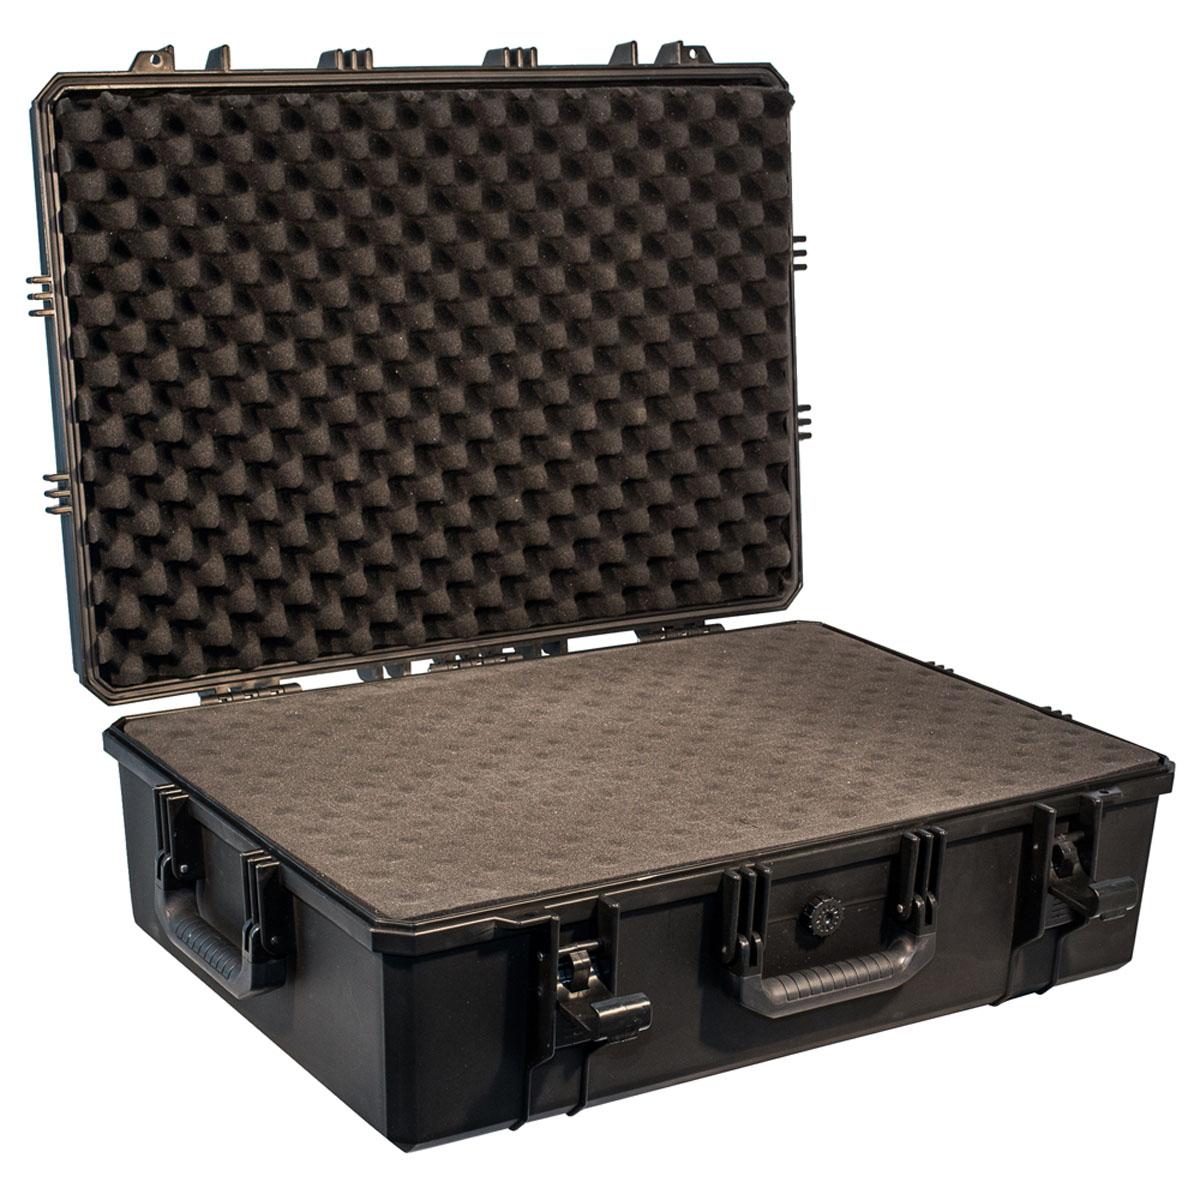 Кейс противоударный PRO-4x4 №8, влагозащищенный, 72 x 51,5 x 24,5 см, цвет: черныйВетерок 2ГФКейс №8 с поропластом - это один из самых больших кейсов, позволяющих разместить Ваше оборудование, предварительно подготовив для него ложемент.Защищенные кейсы PRO-4x4 это надежный и проверенный способ сохранить в целостности дорогостоящее оборудование, требующее бережной транспортировки и гарантированной сохранности.Кейсы снабжены удобными и надежными ручками, в крышке имеется паз с резиновым уплотнением. Так же все кейсы PRO-4x4 имеют клапан выравнивания давления.Благодаря используемым материалам и технологии изготовления кейсы способны выдержать значительные ударные и статические нагрузки защищая свое содержимое от механических повреждений.Герметичность и пыле-влагозащищенность кейсов PRO-4x4 оградит дорогостоящую технику от агрессивной внешней среды и не позволит вывести ее из строя в процессе транспортировки.Великолепный внешний вид, потребительские свойства и непревзойдённое качество исполнения кейсов PRO-4x4 соответствуют запросам самых требовательных потребителей.В зависимости от выбранного размера кейс подойдет для хранения ценных документов, оружия, запасных частей и электронного оборудования. Область применения может быть самой различной, он одинаково хорошо покажет себя и во время внедорожного путешествия и в производственных процессах.